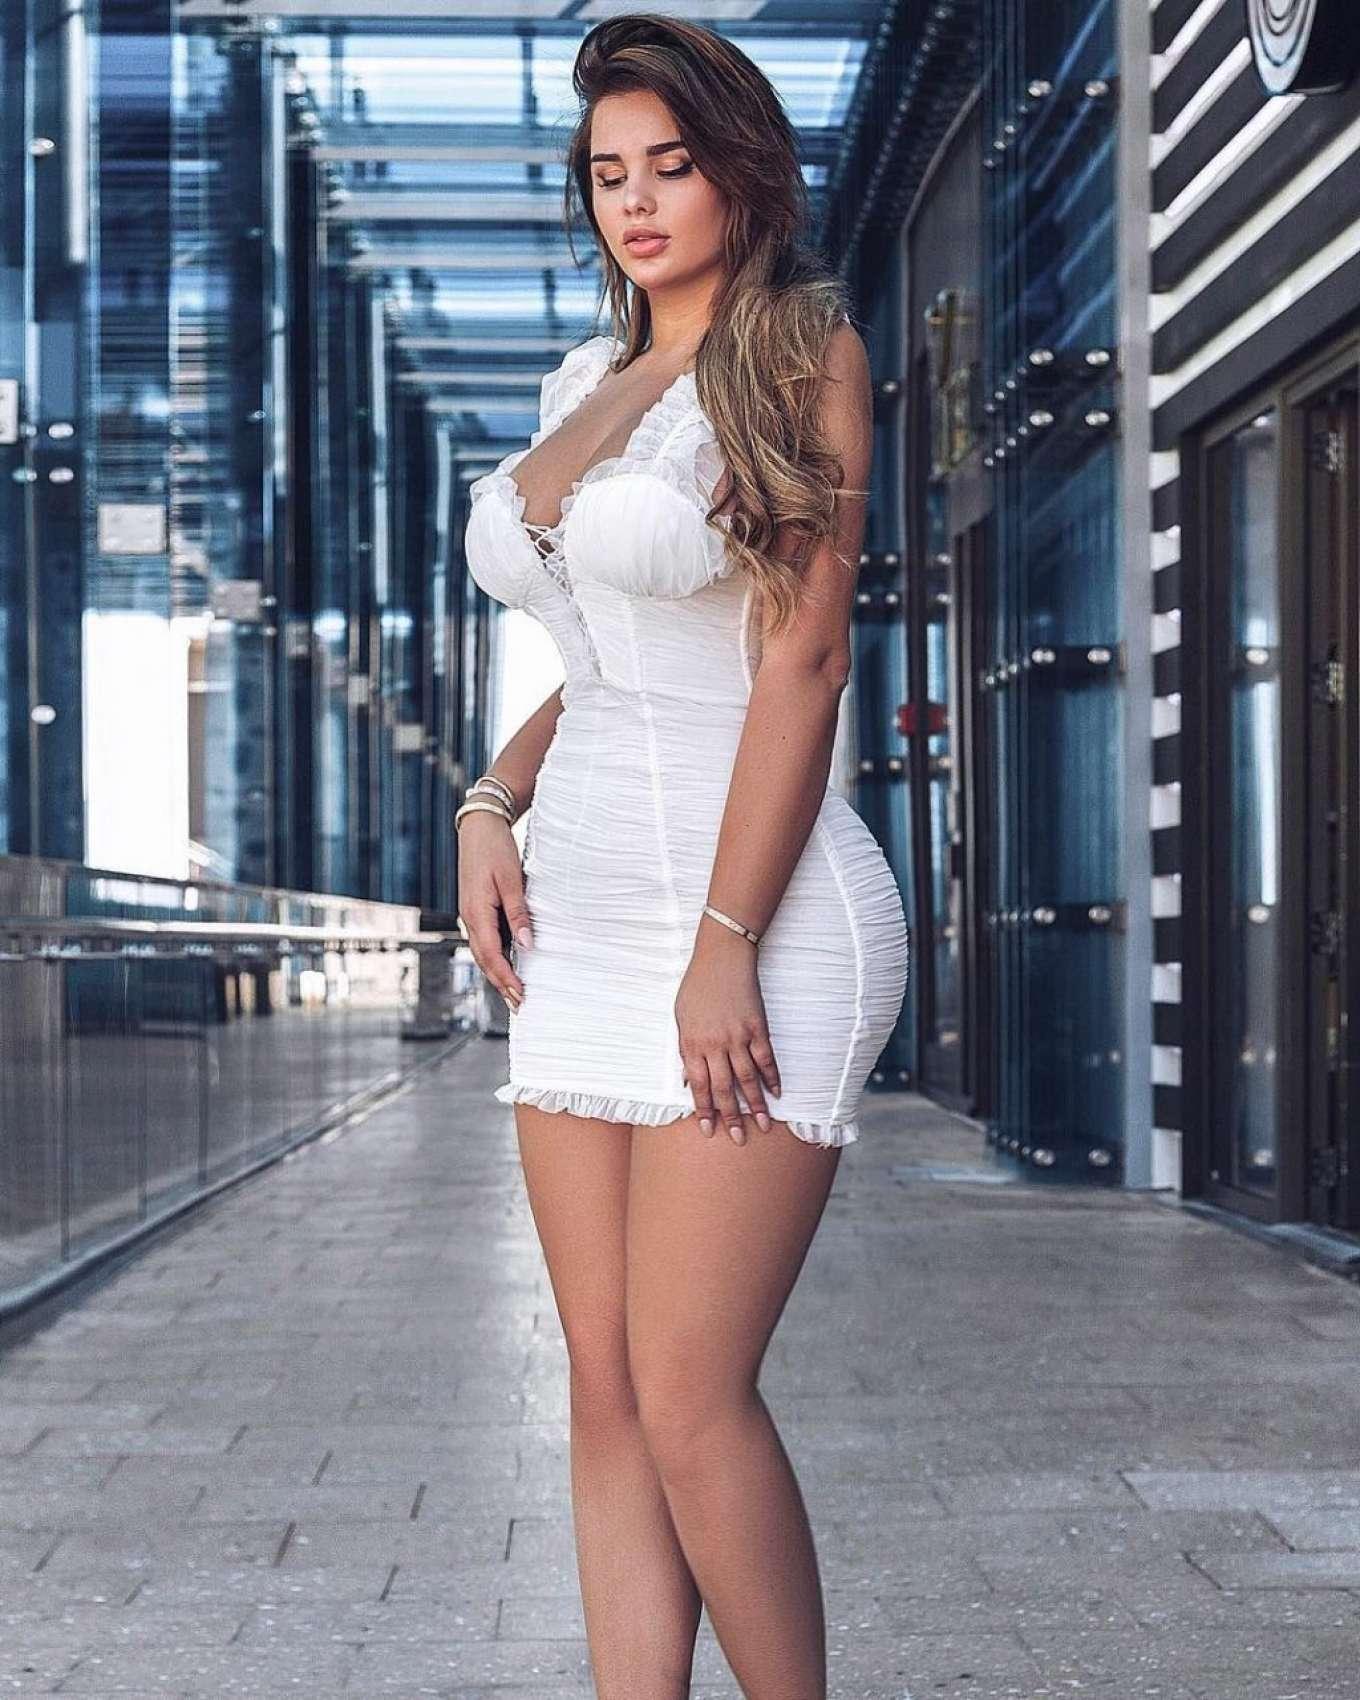 Anastasiya Kvitko 2019 : Anastasiya Kvitko - Instagram-57